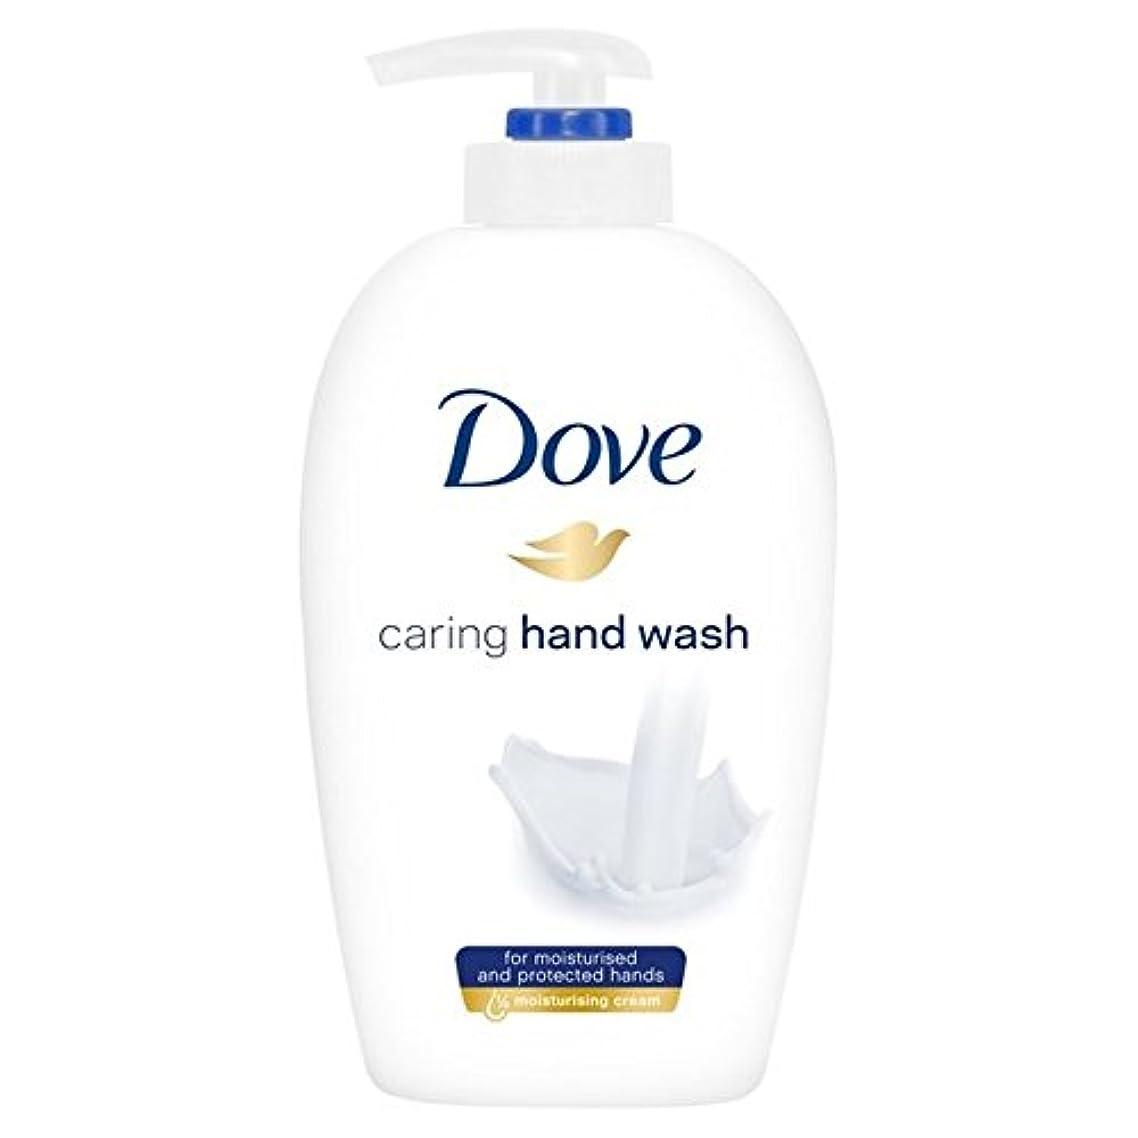 物語トークン迫害鳩思いやり手洗い250ミリリットル x4 - Dove Caring Hand Wash 250ml (Pack of 4) [並行輸入品]